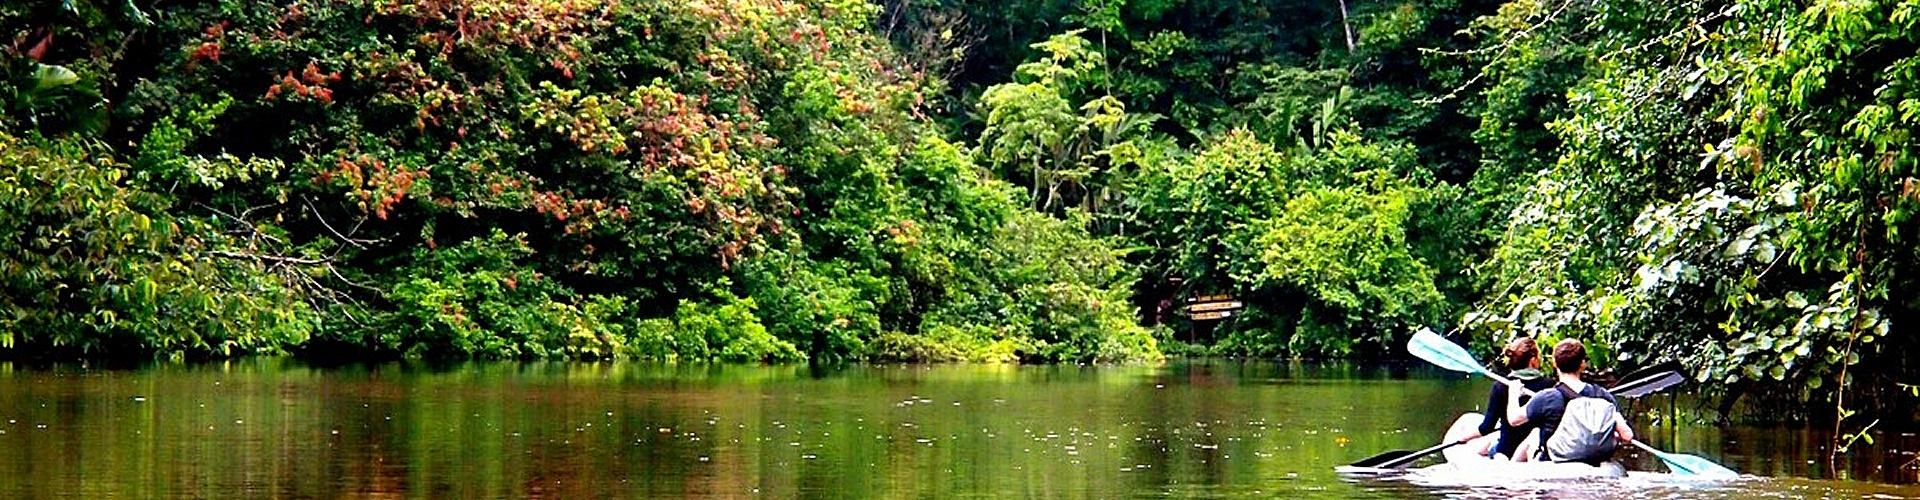 Reisetipps zum Thema: Costa Rica